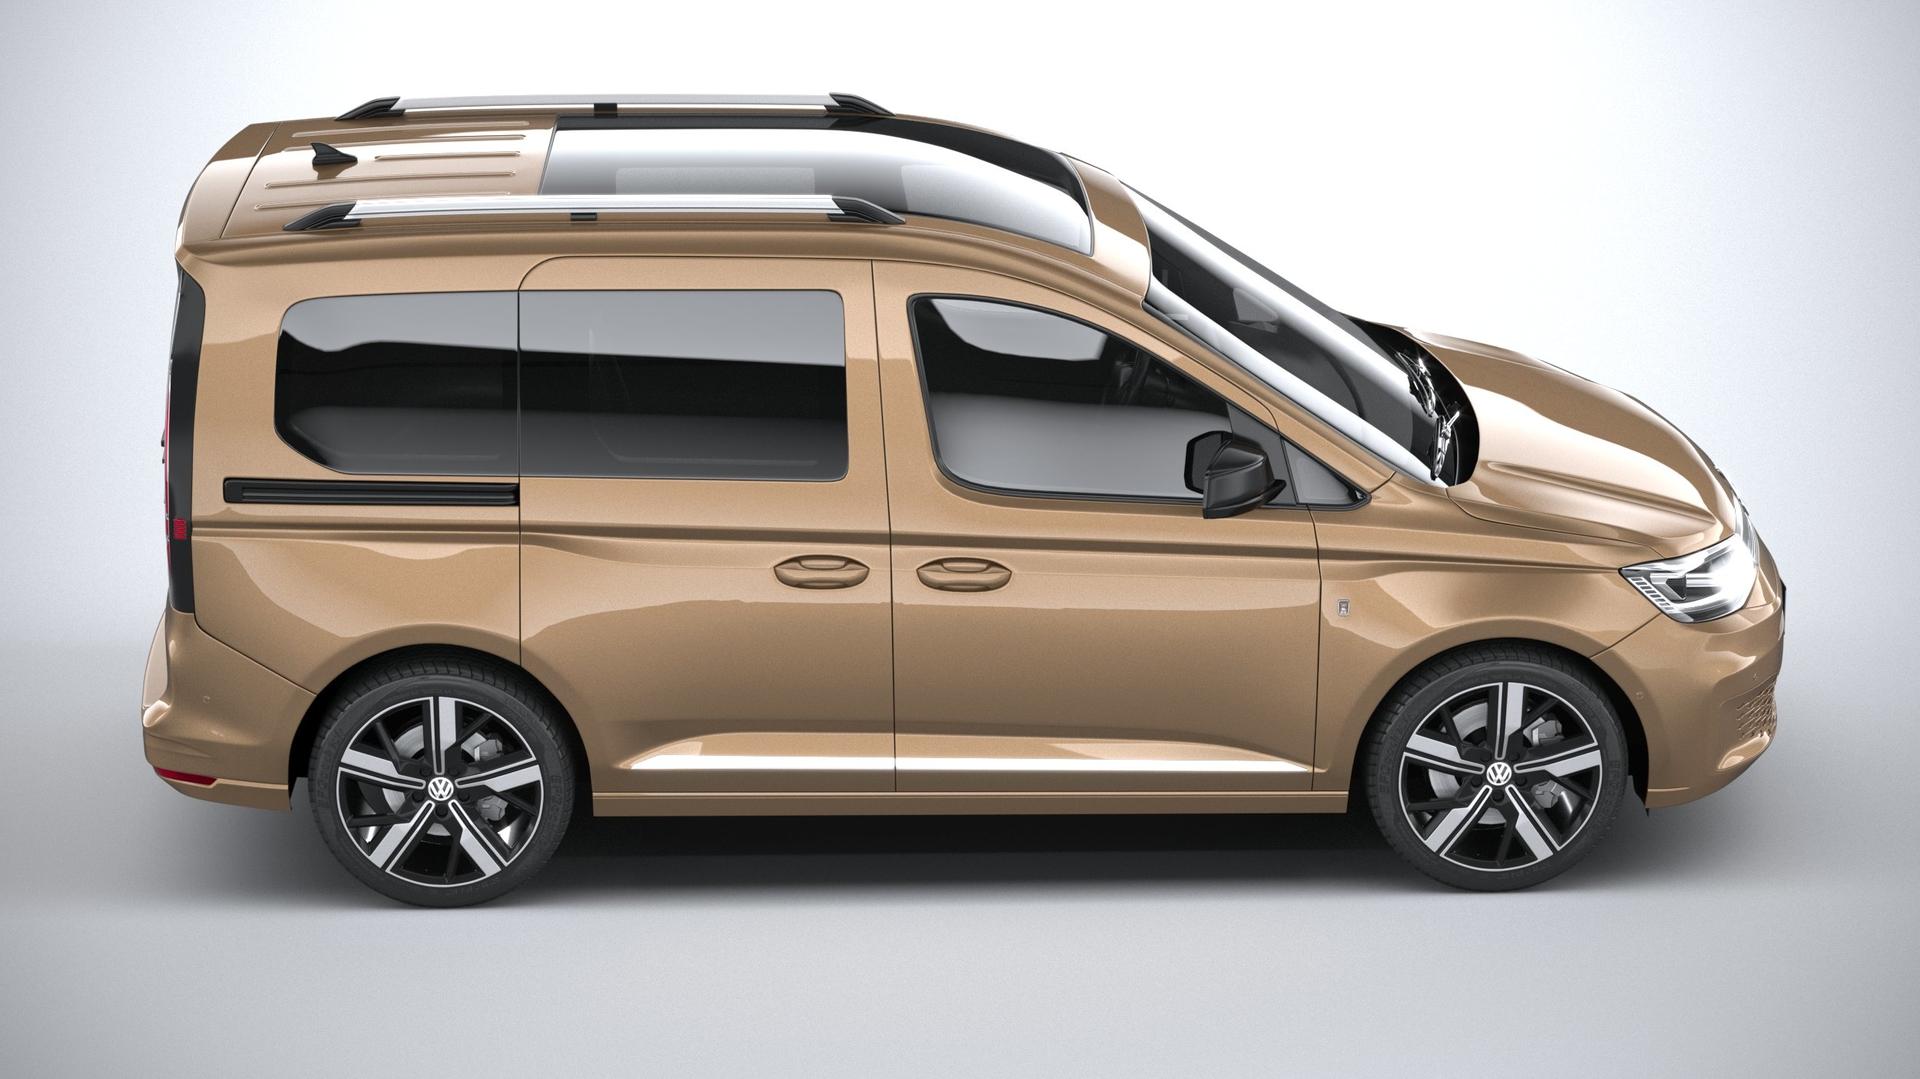 3D model volkswagen caddy 2021 - TurboSquid 1518346